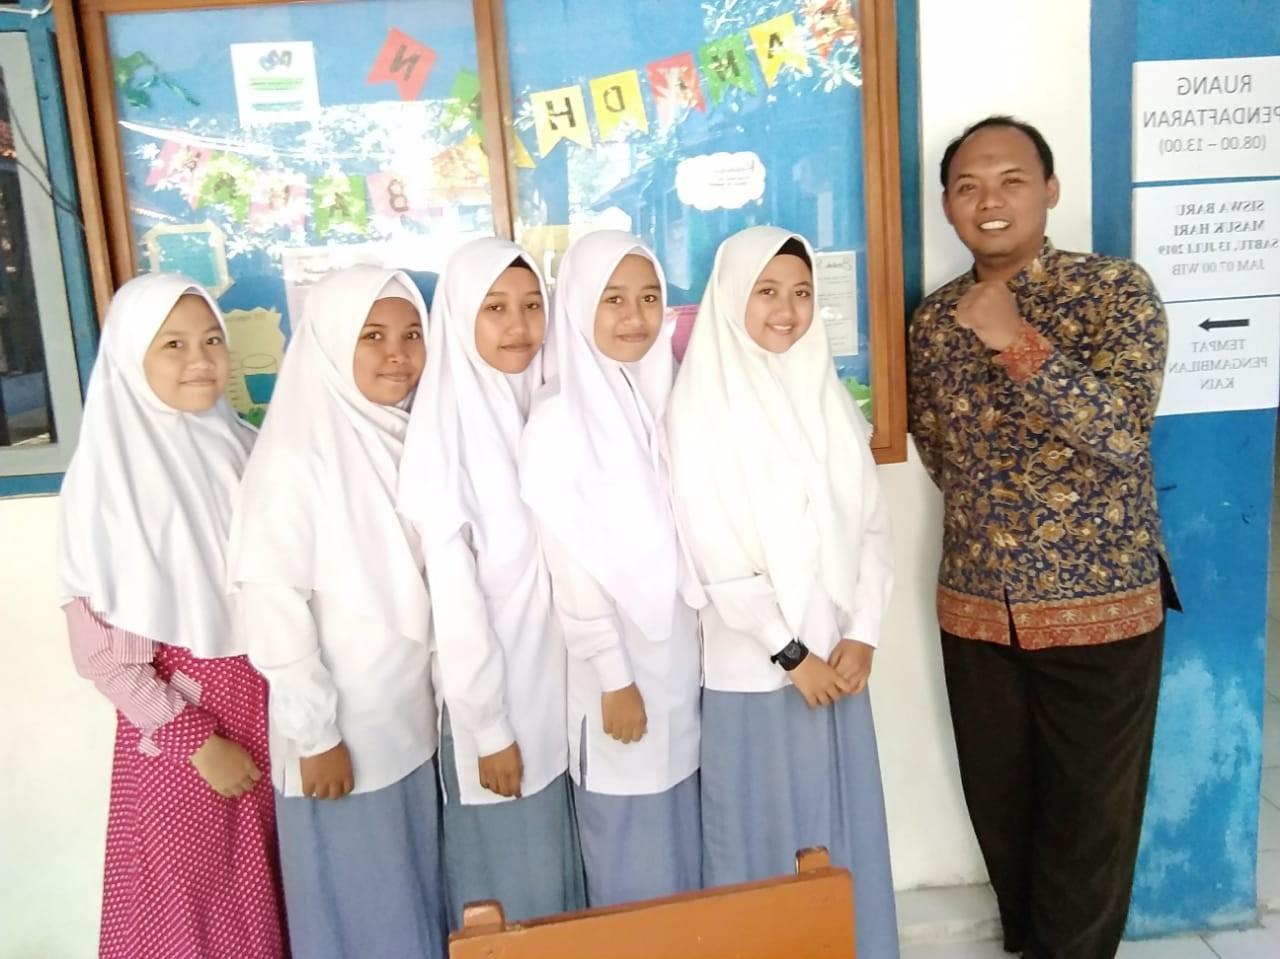 Pak Hasim dapat hadiah dari wali murid